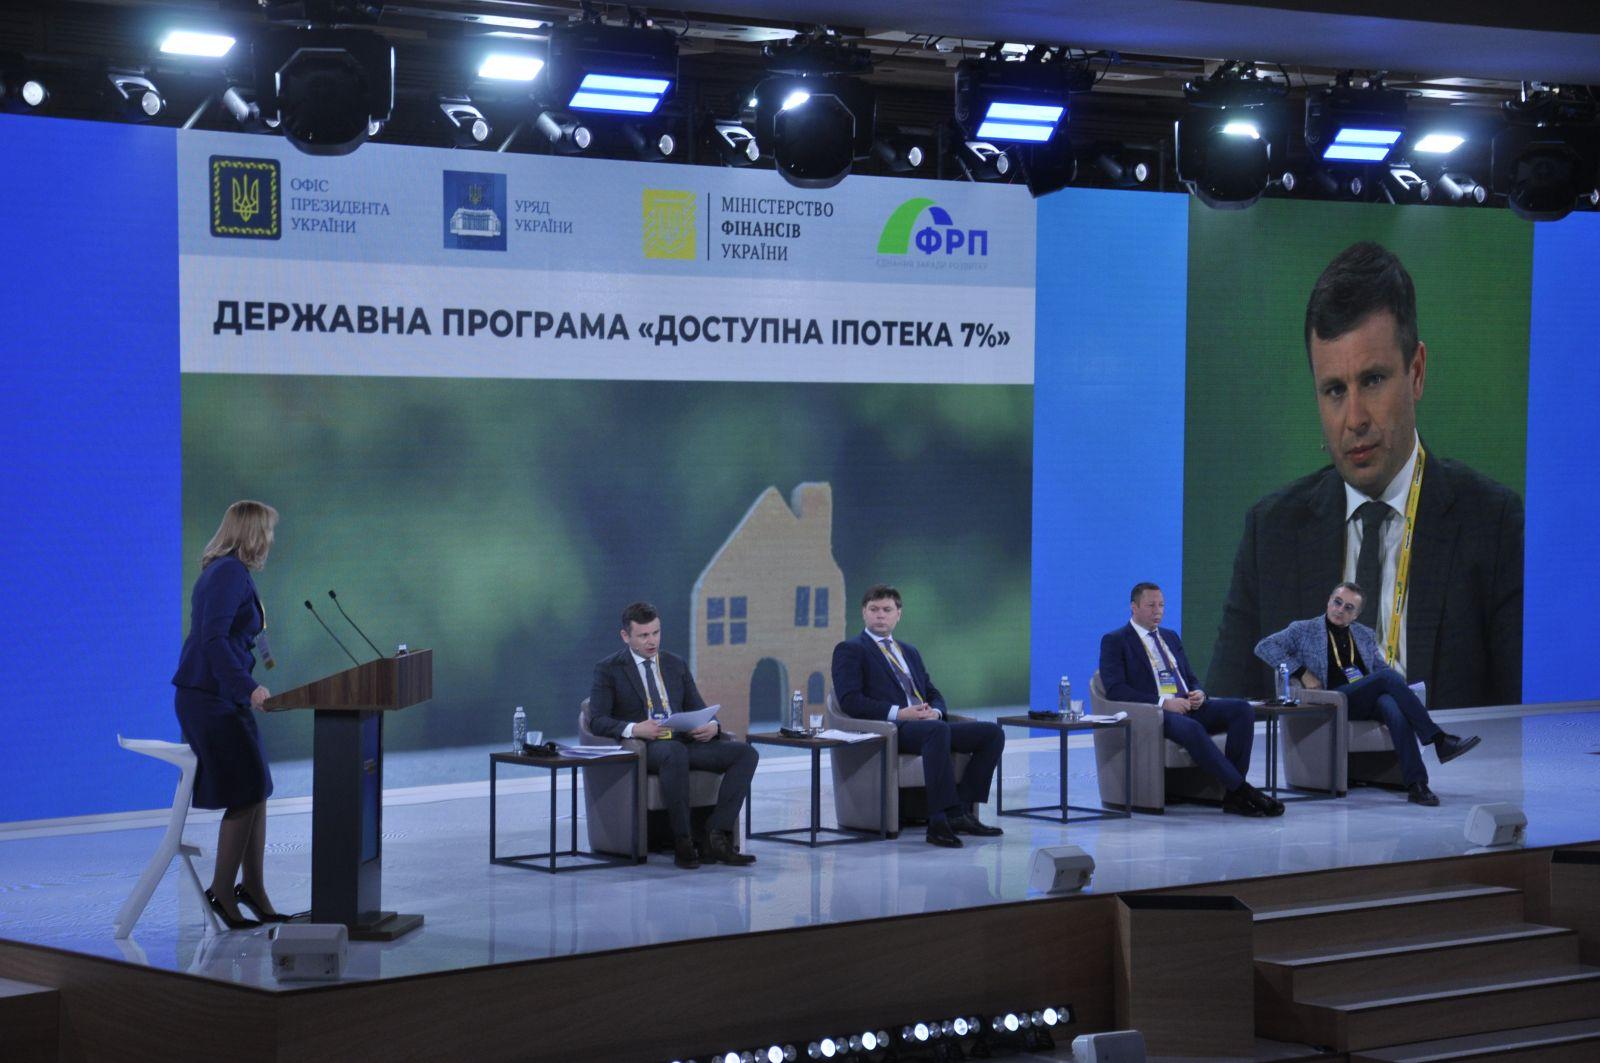 «Доступна іпотека 7%» – державна програма доступних кредитів (ІНФОГРАФІКА)